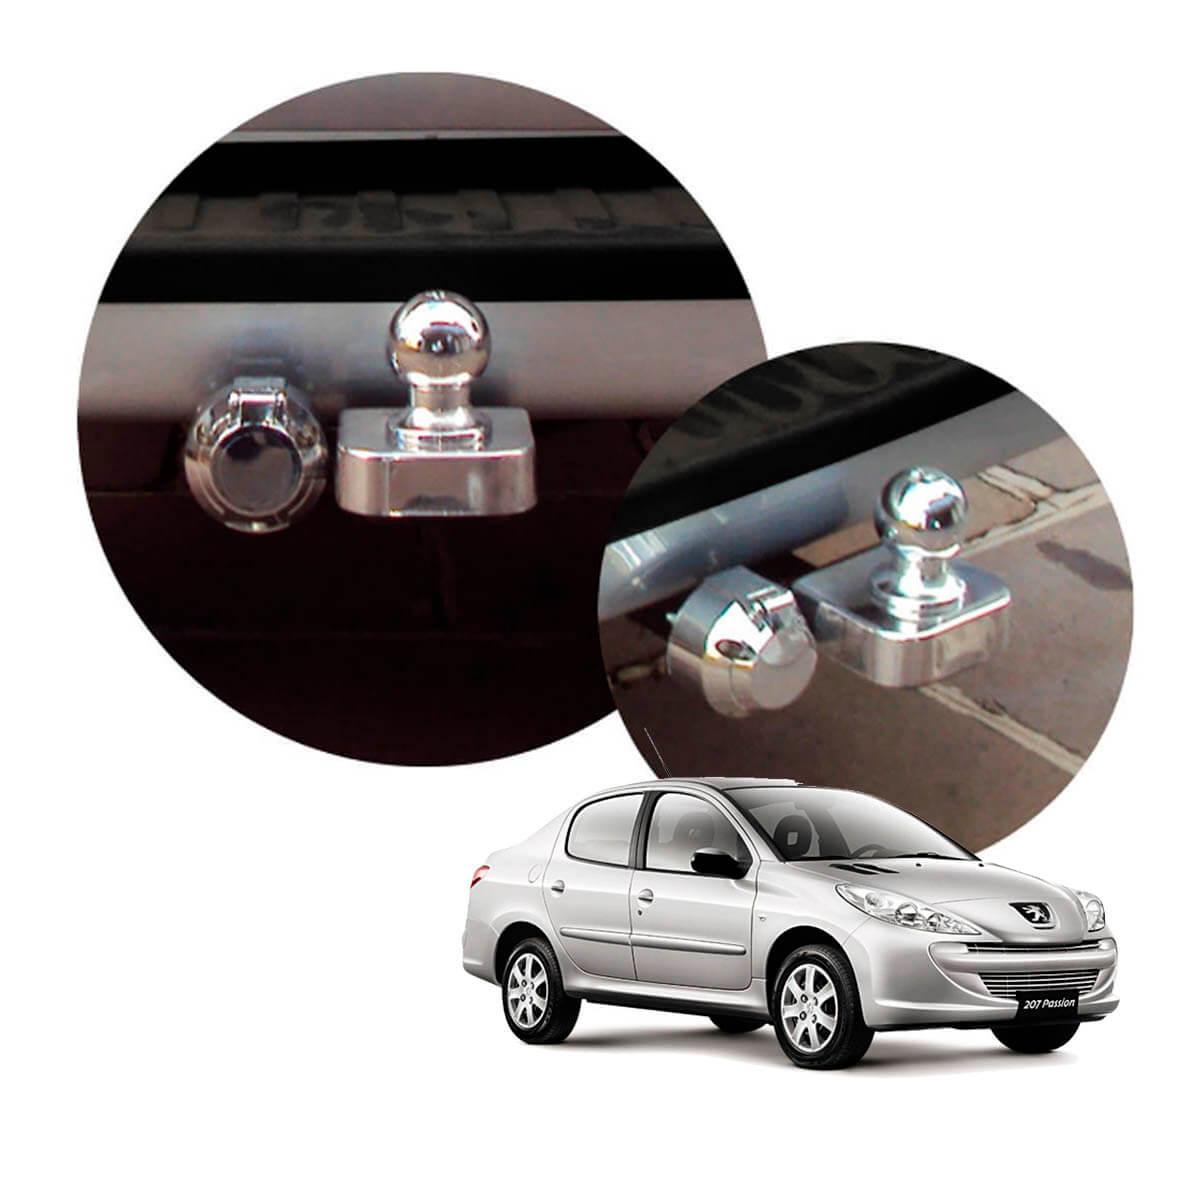 Engate de reboque fixo Peugeot 207 sedan 2009 a 2015